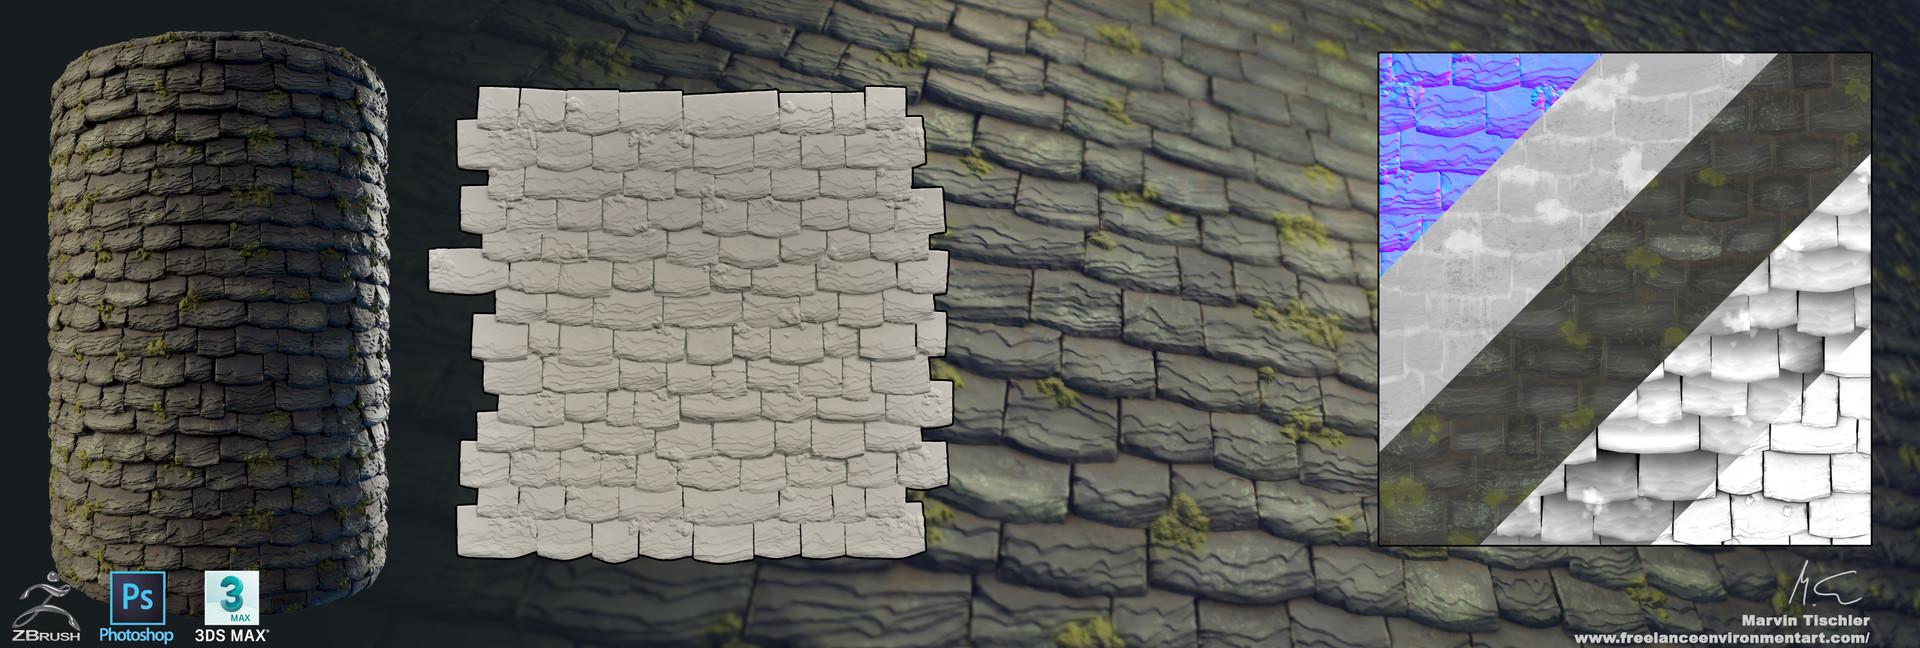 Marvin tischler handpainted textures 002 d